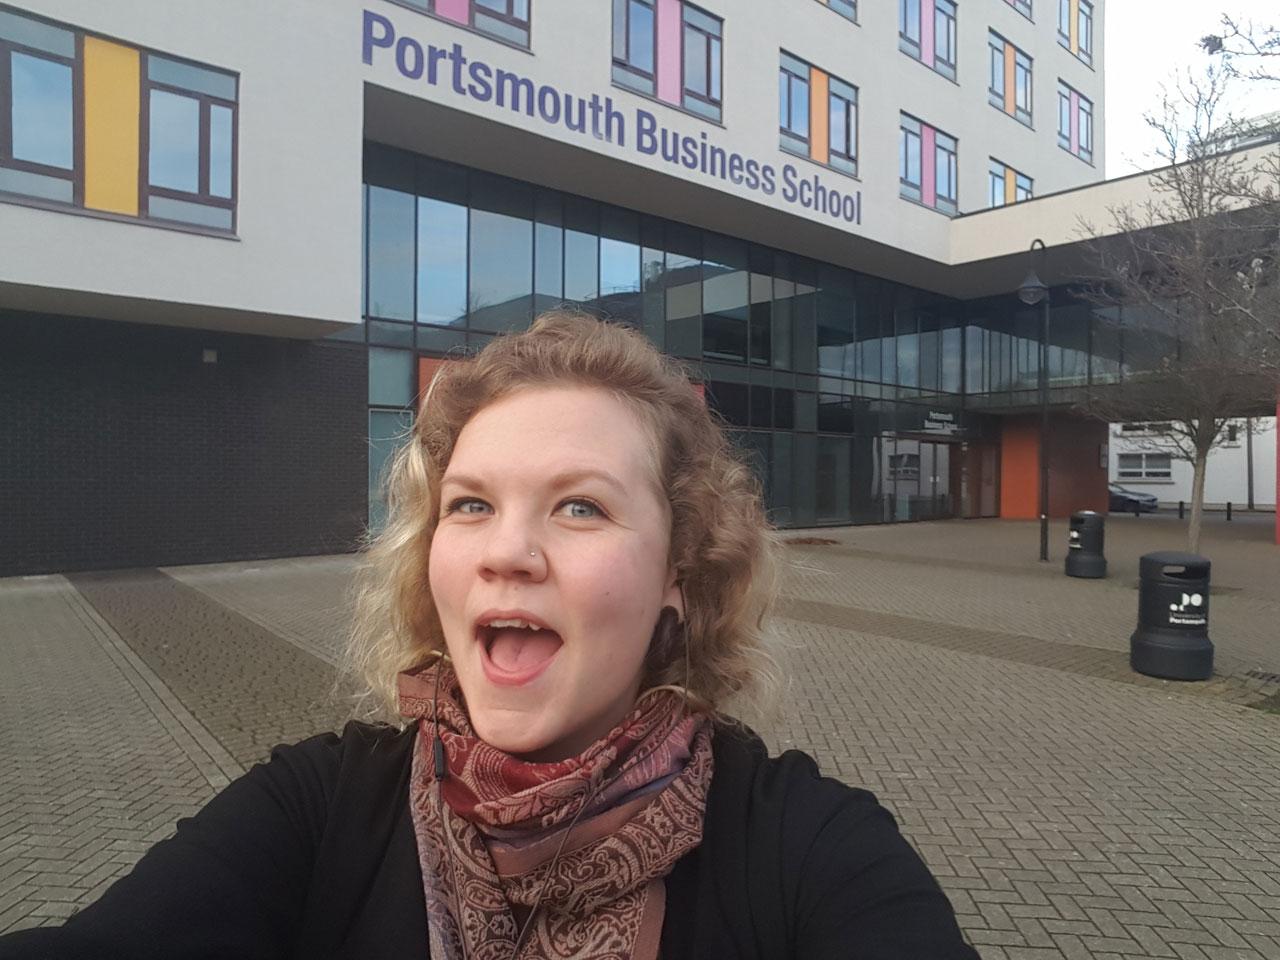 studera universitet england-university-portsmouth